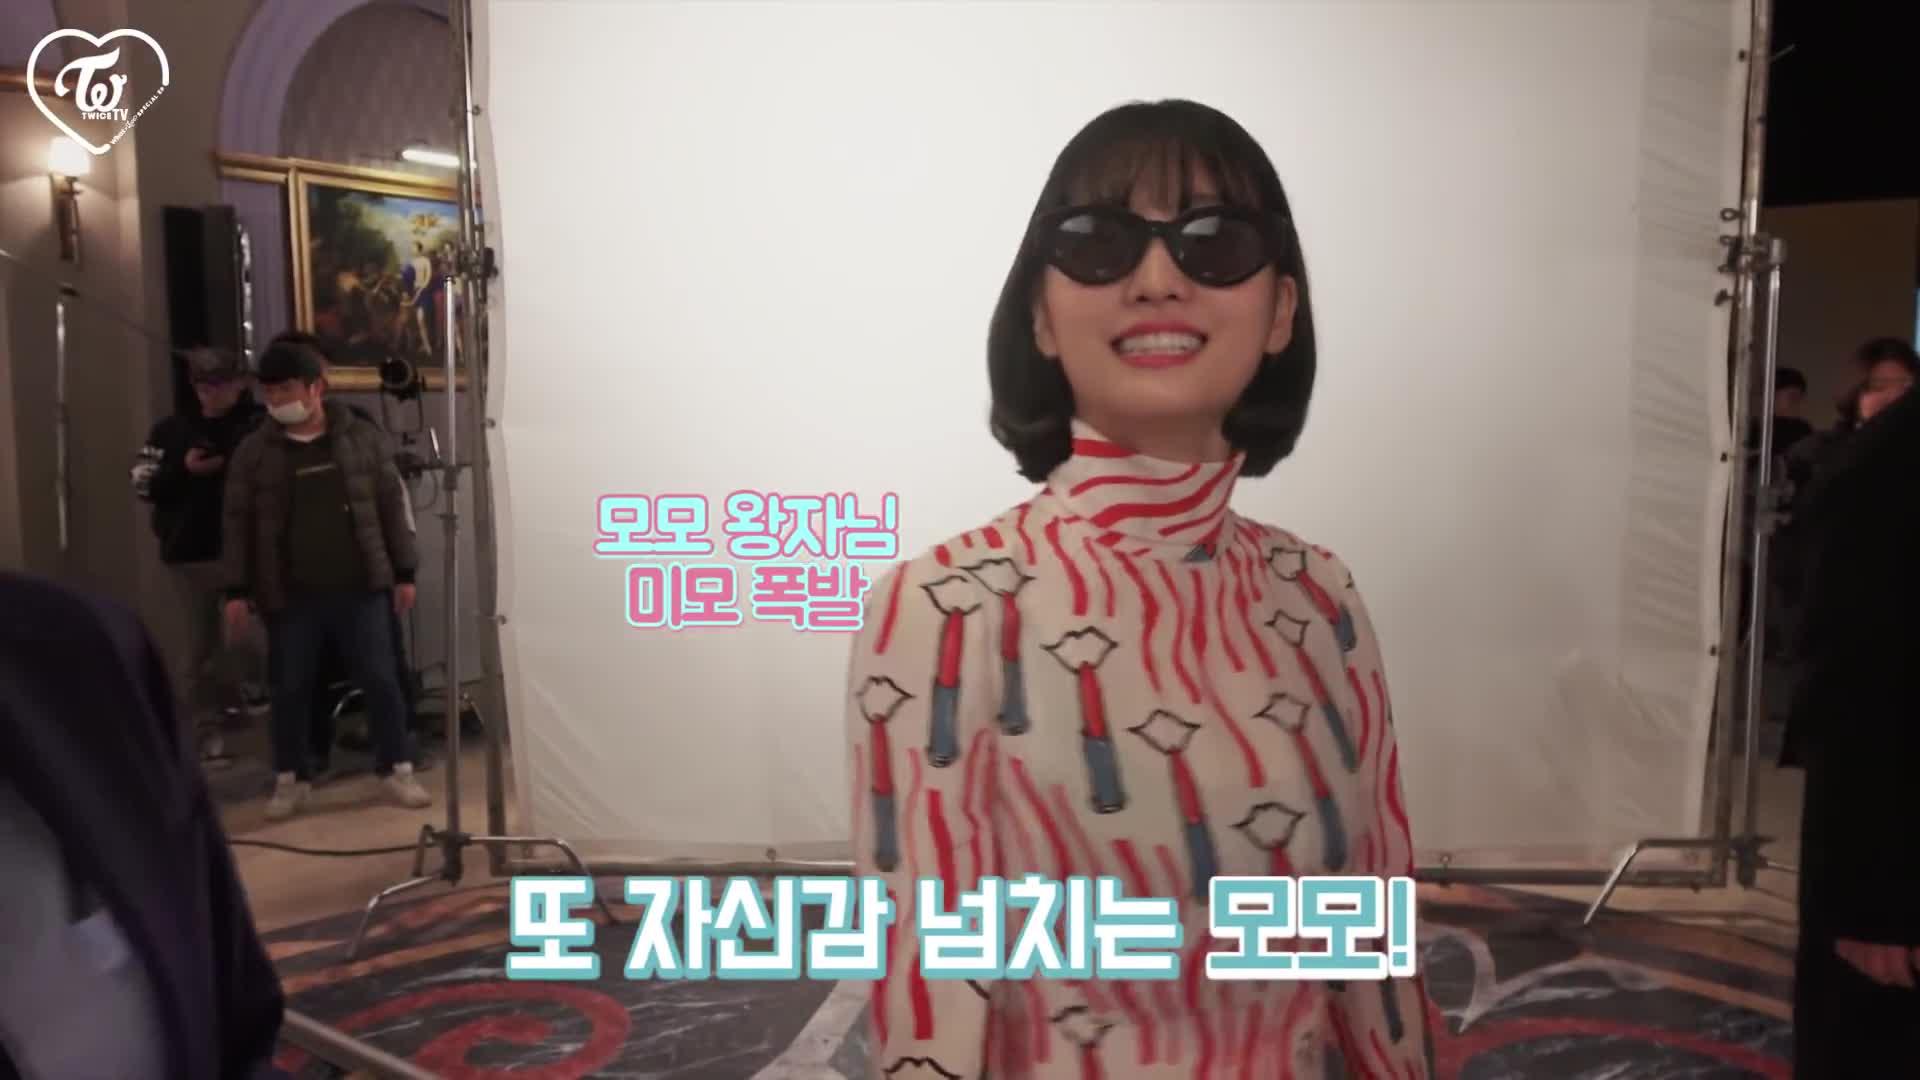 Nayeon, WIL vlive, Dork Nerdy Nayeon GIFs